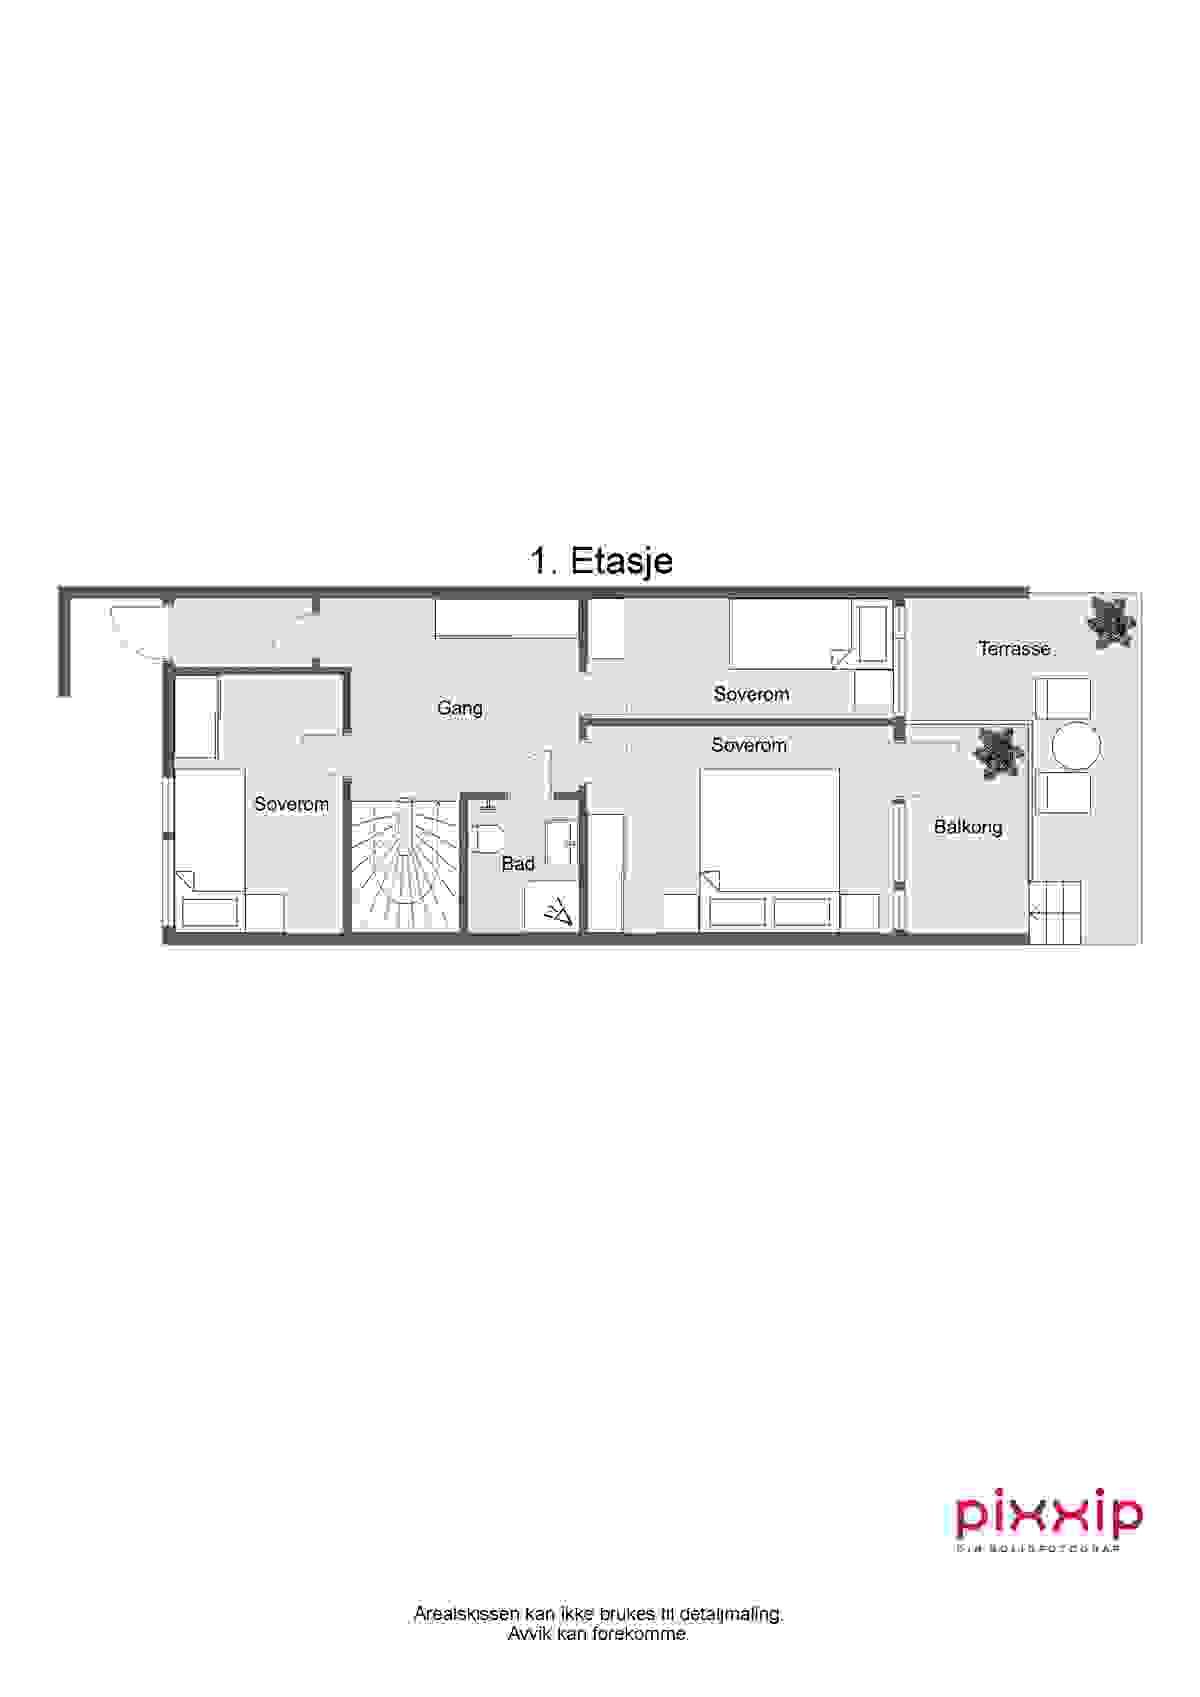 2d-plantegning 1. etasje